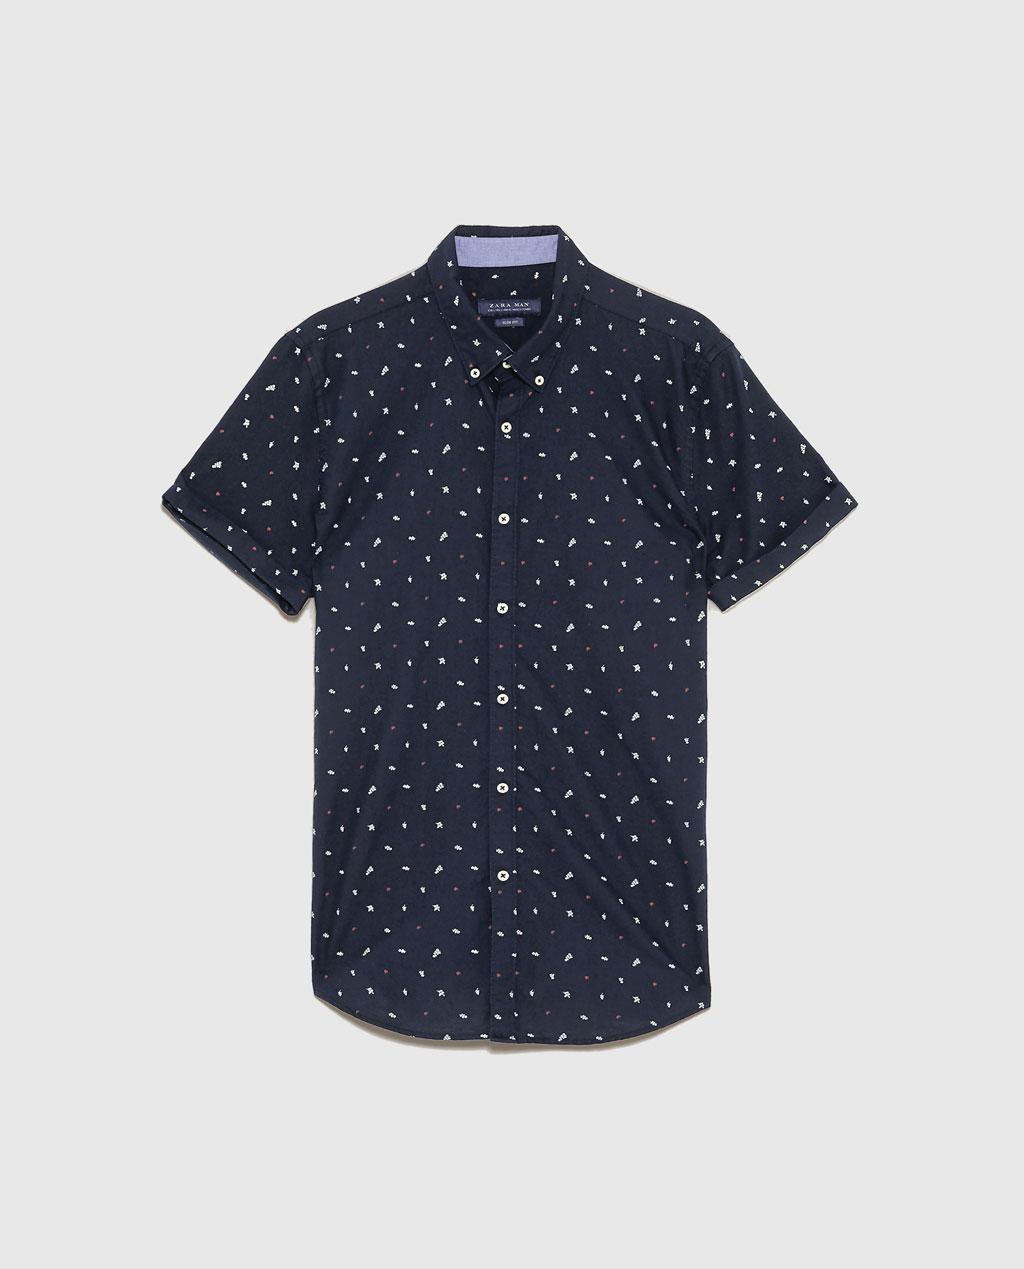 Thời trang nam Zara  24059 - ảnh 8